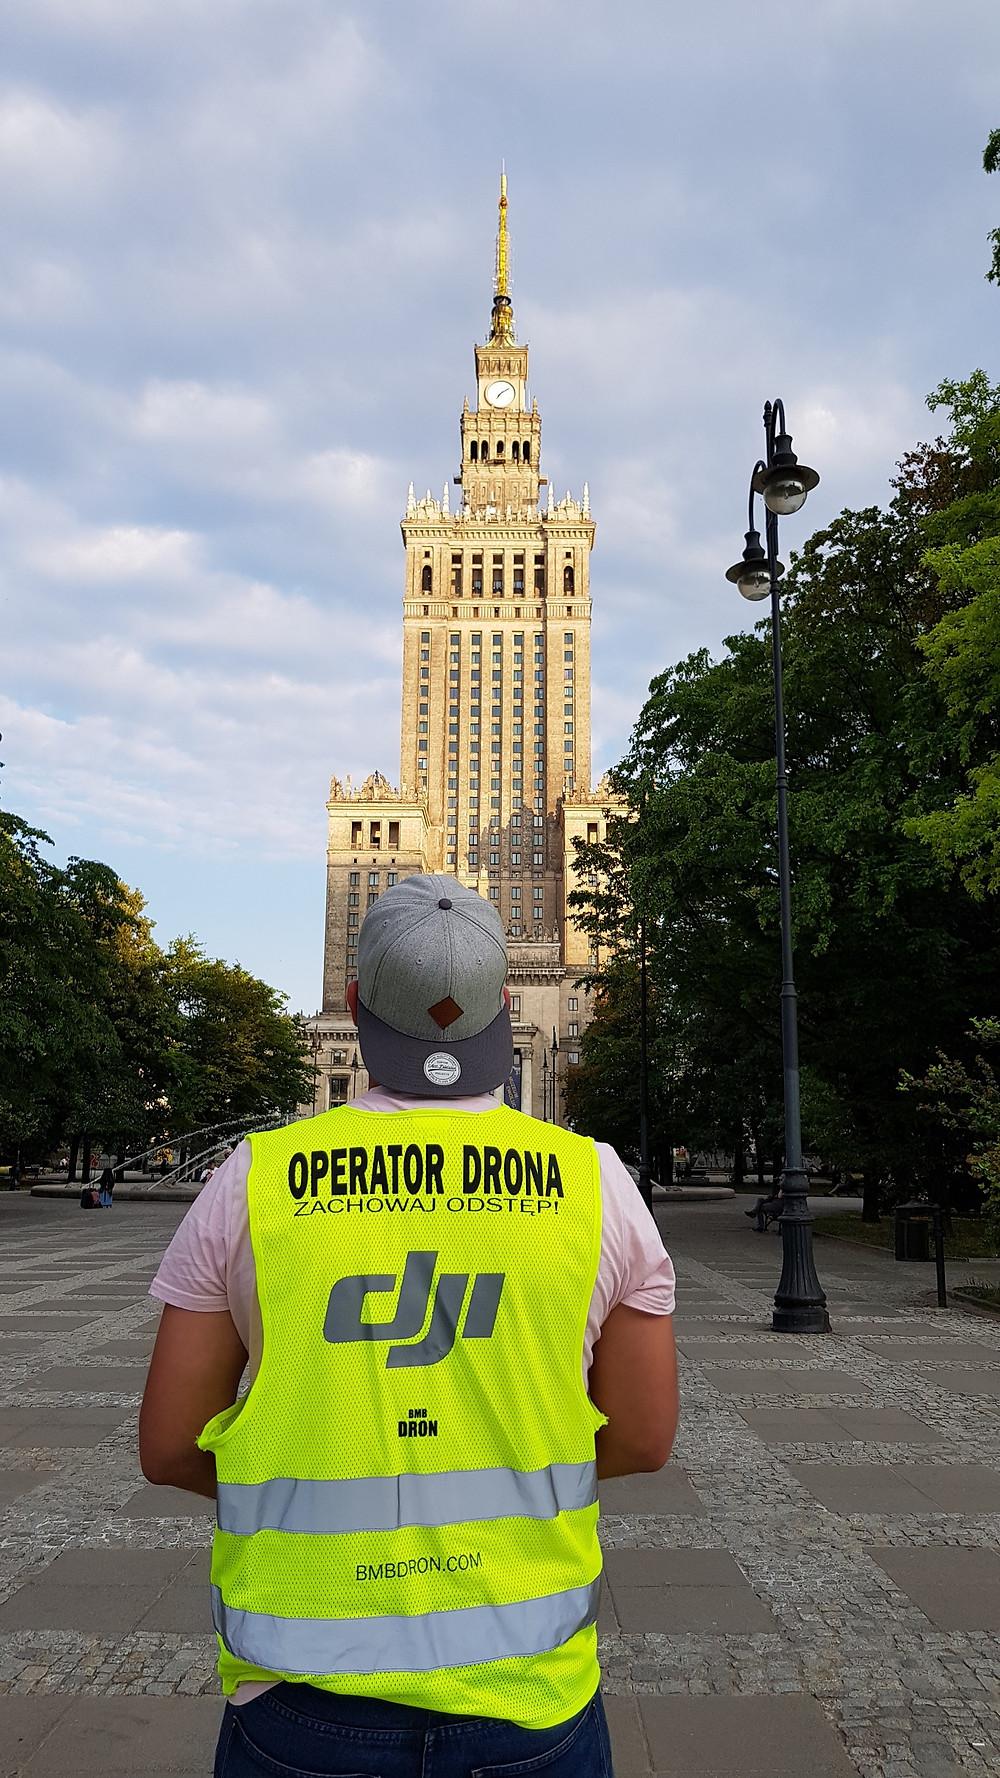 Operator Drona podczas komercyjnego zlecenia.